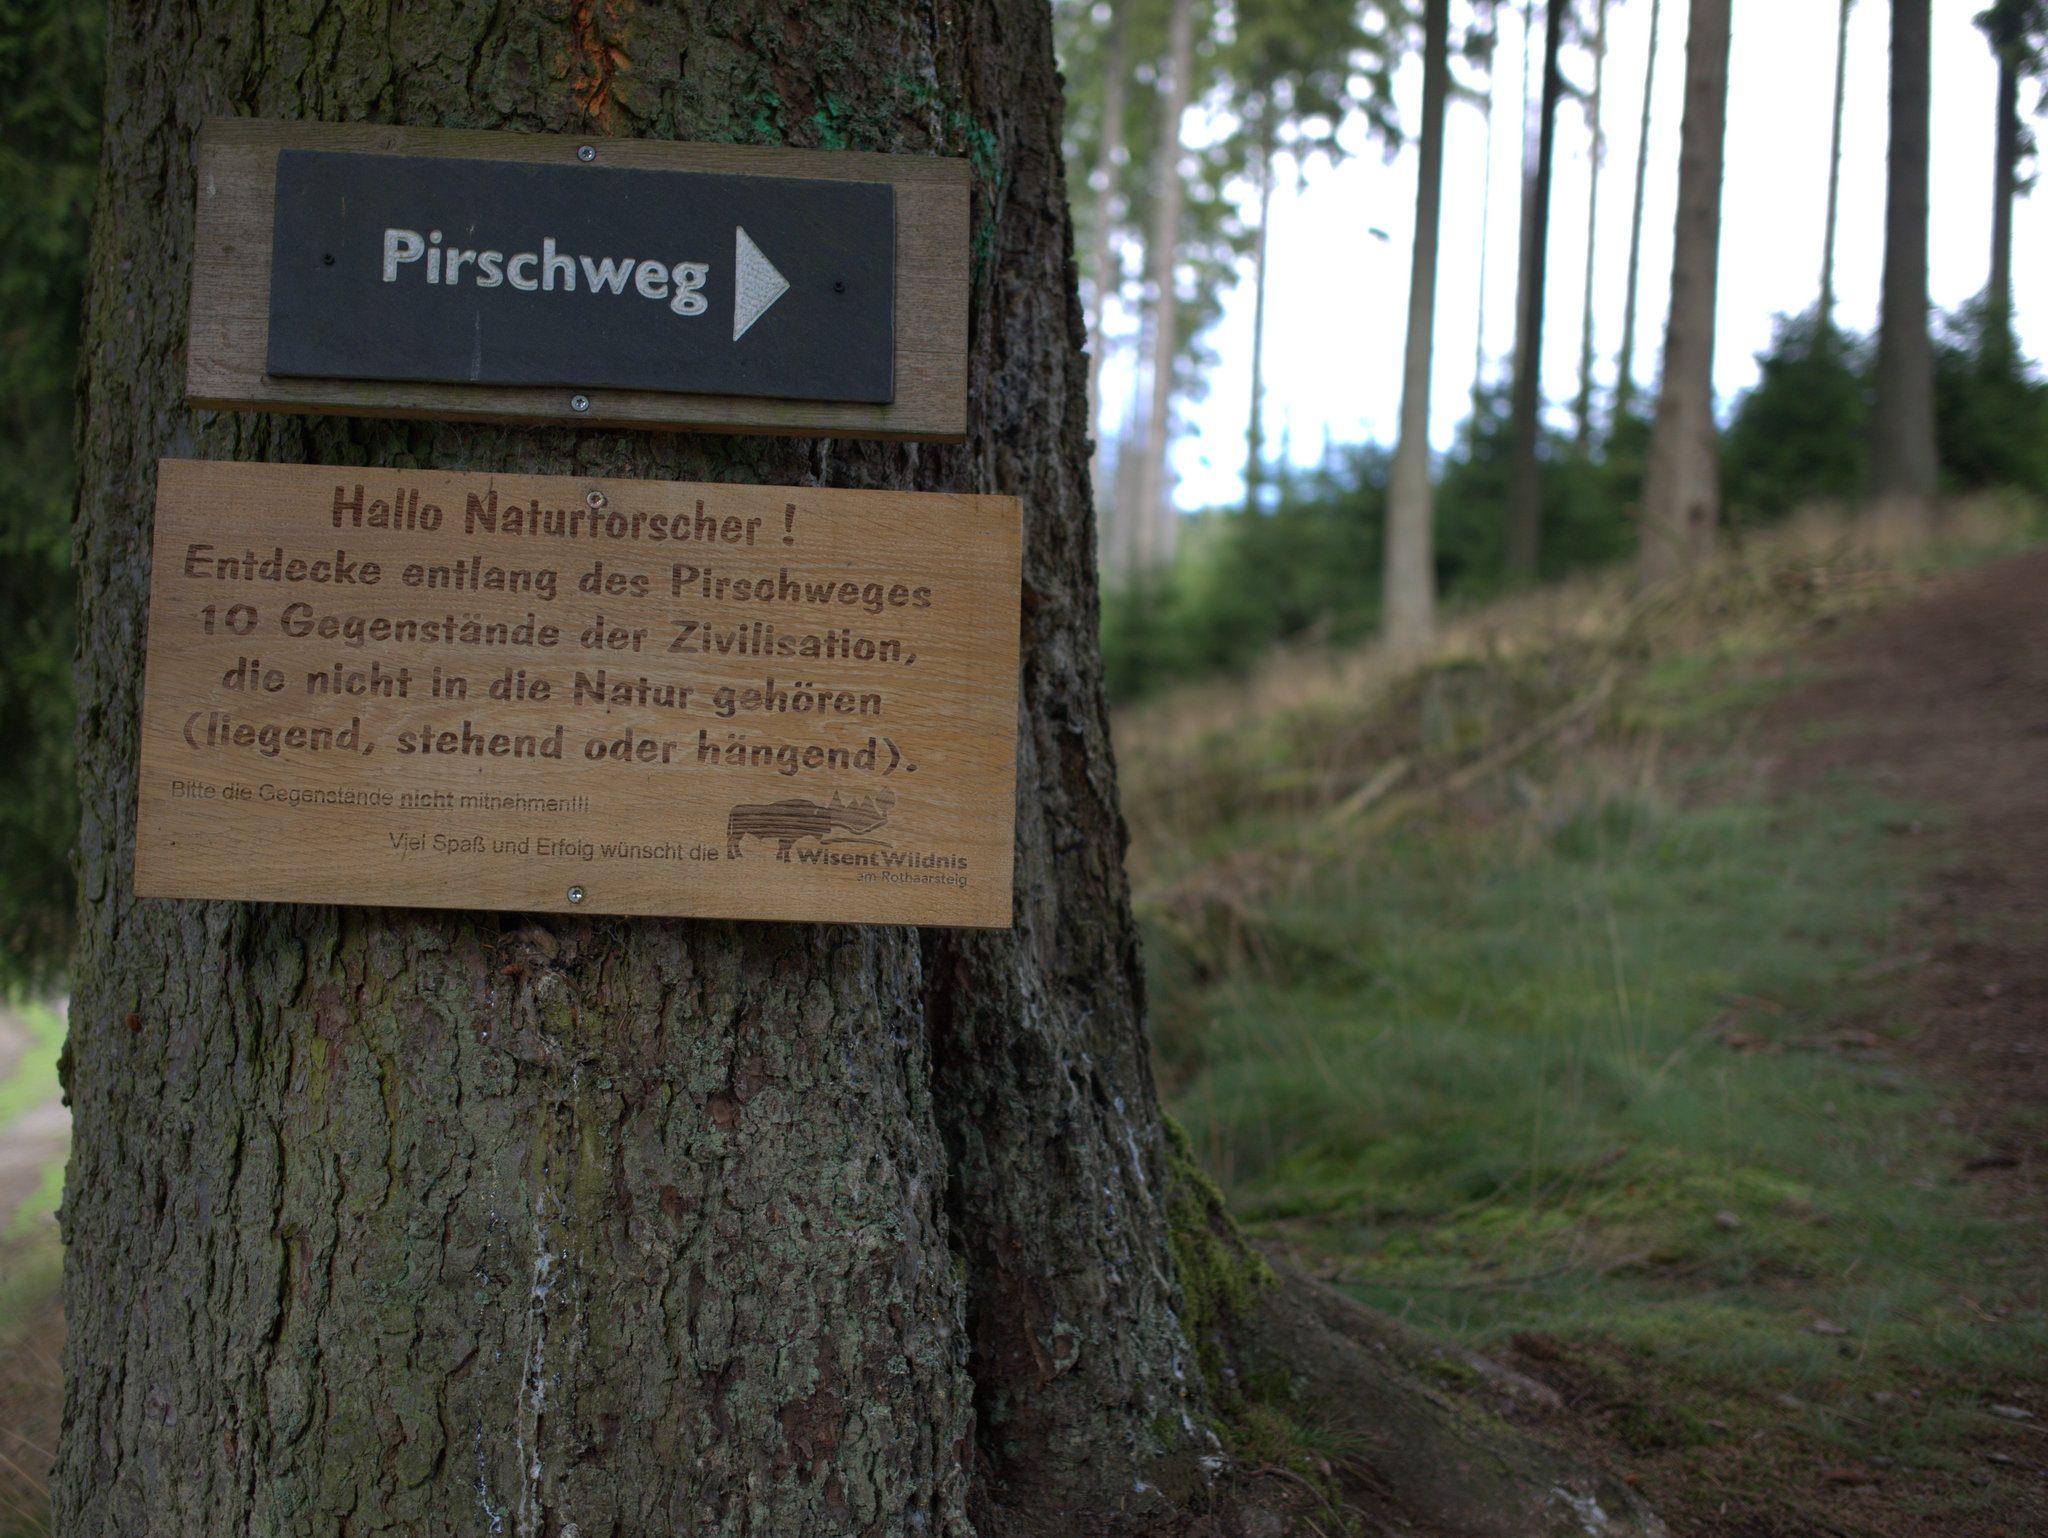 Der Pirschweg.